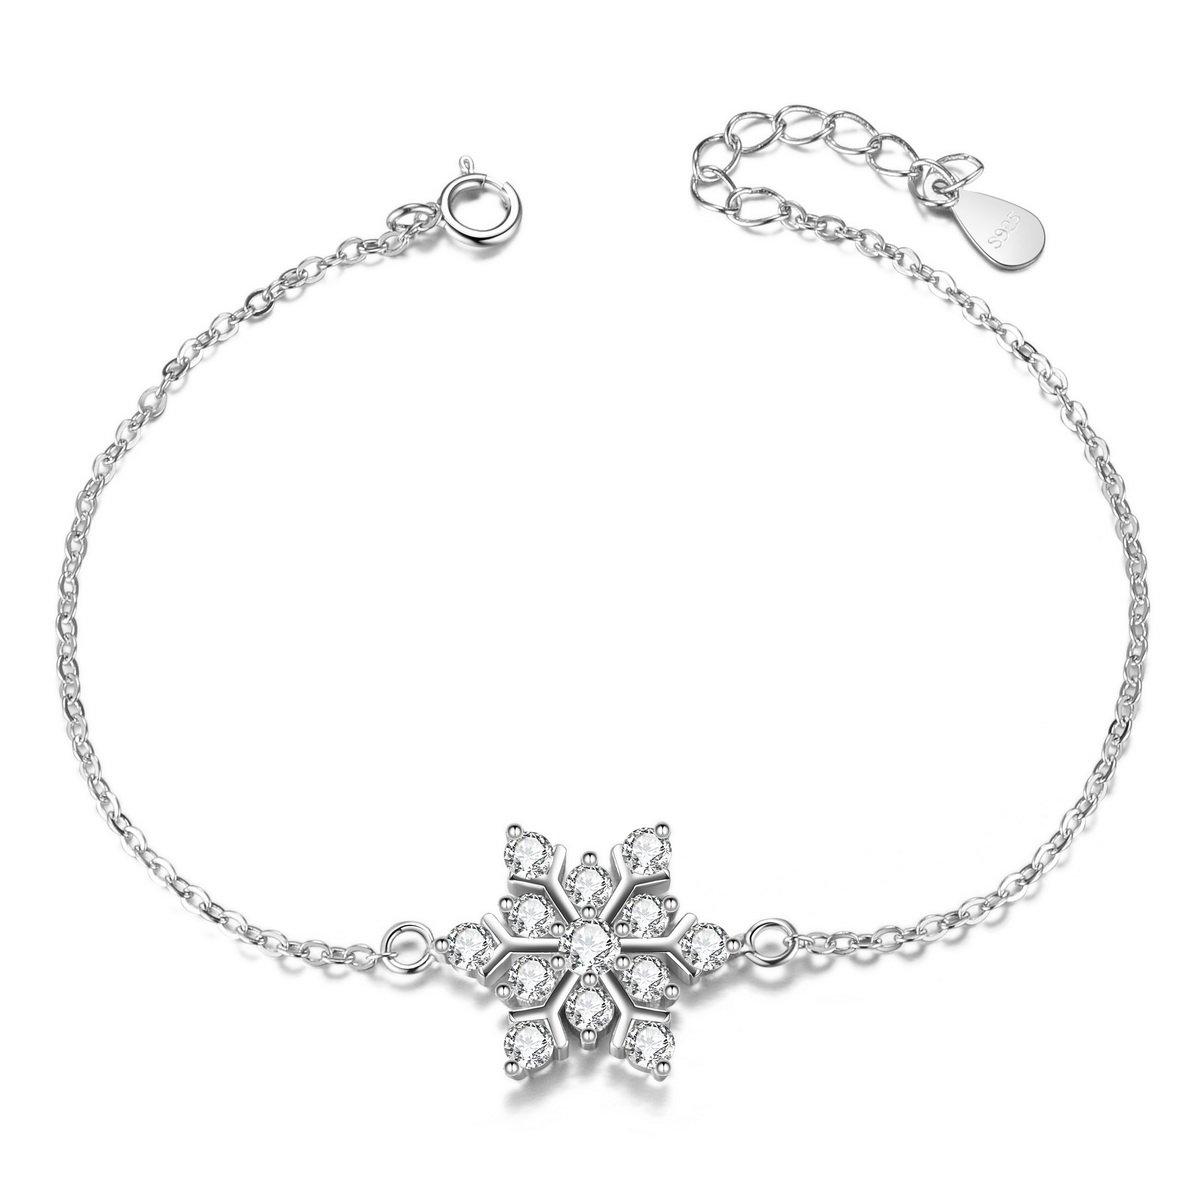 SWEETIEE - Bracelet Femme Simple en Pur Argent 925 Sterling de bonne qualite, ornement Flocon de neige micro pave zircon AAA Brillant, Platine, 165mm JB341A